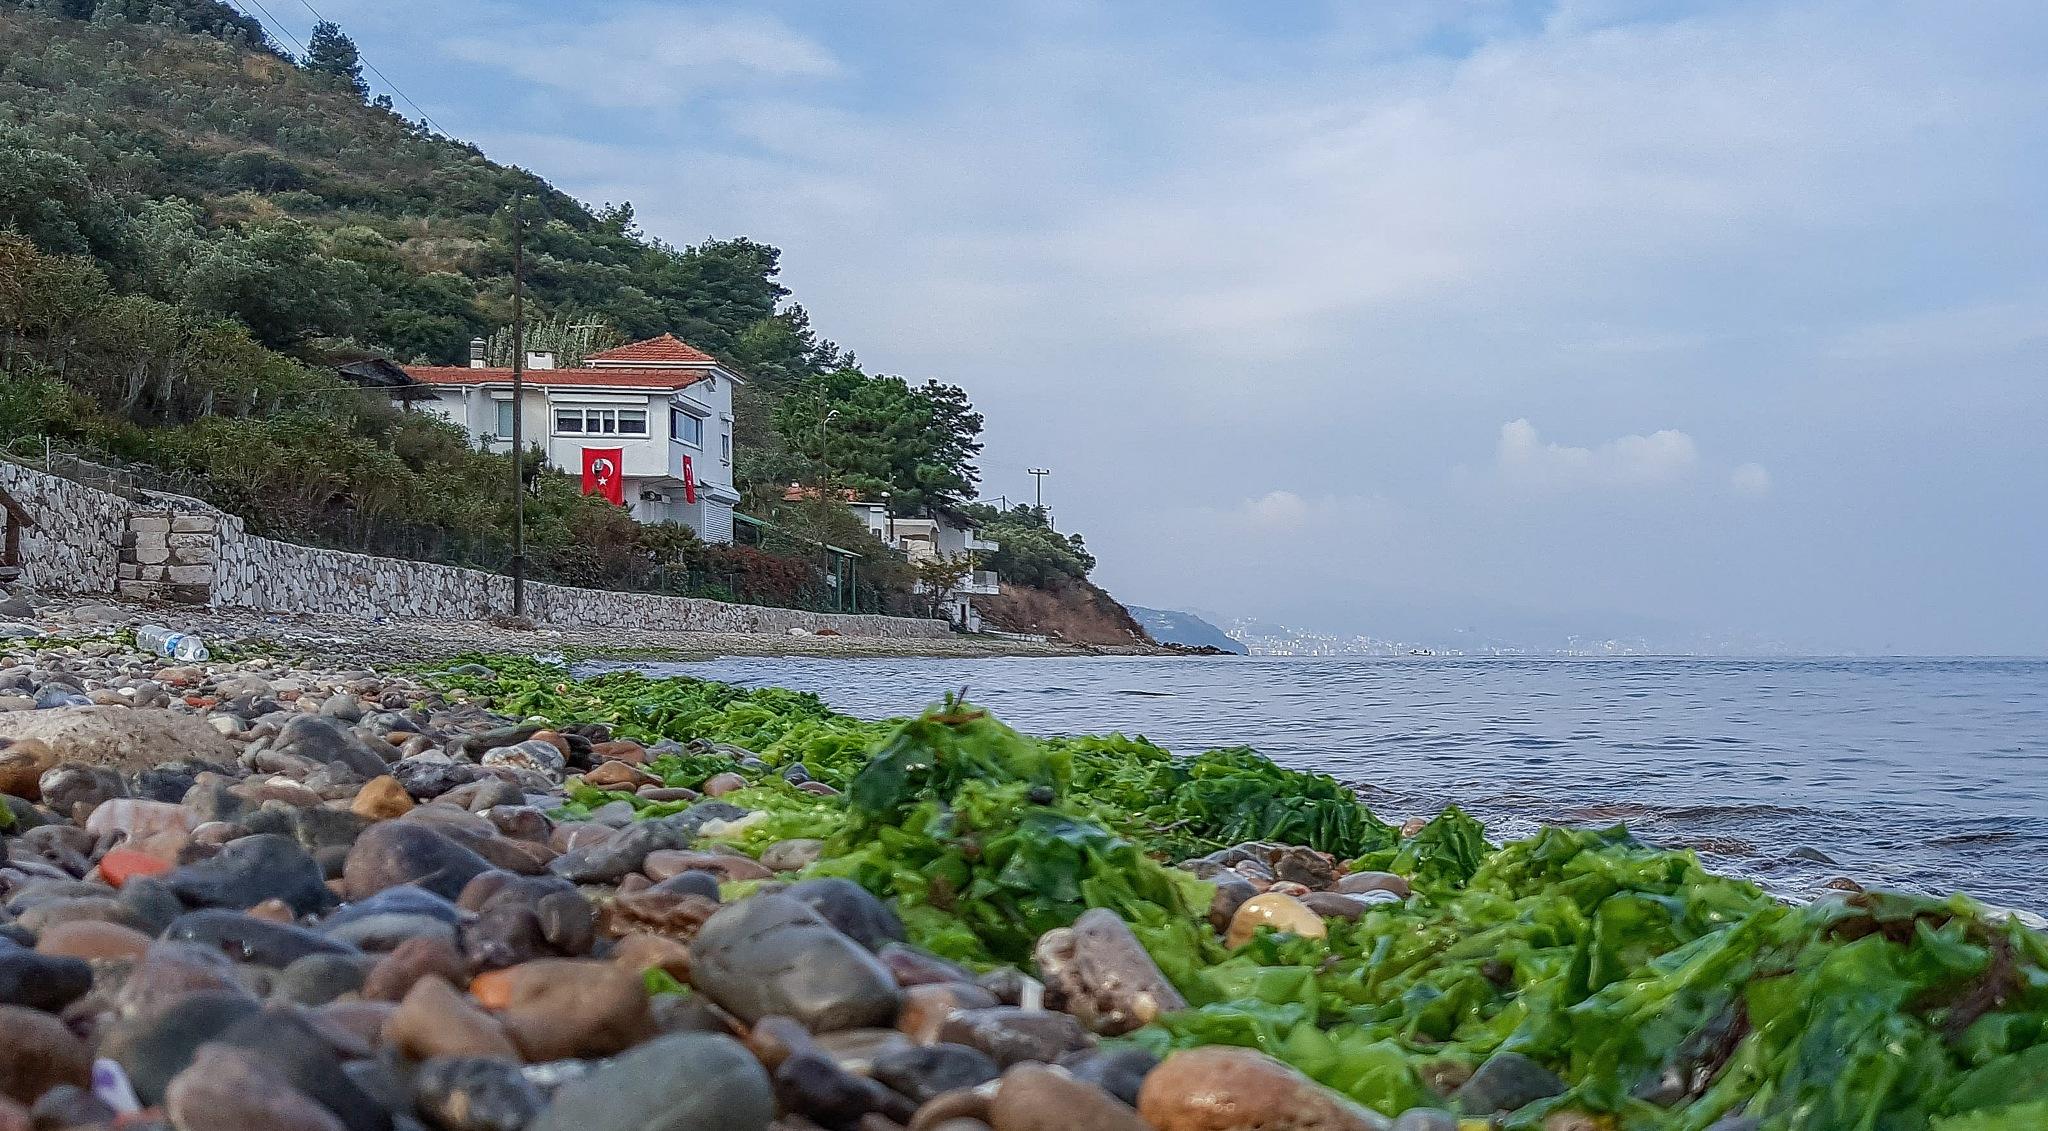 kursunlu shore by Fatih ÖZCANDAR